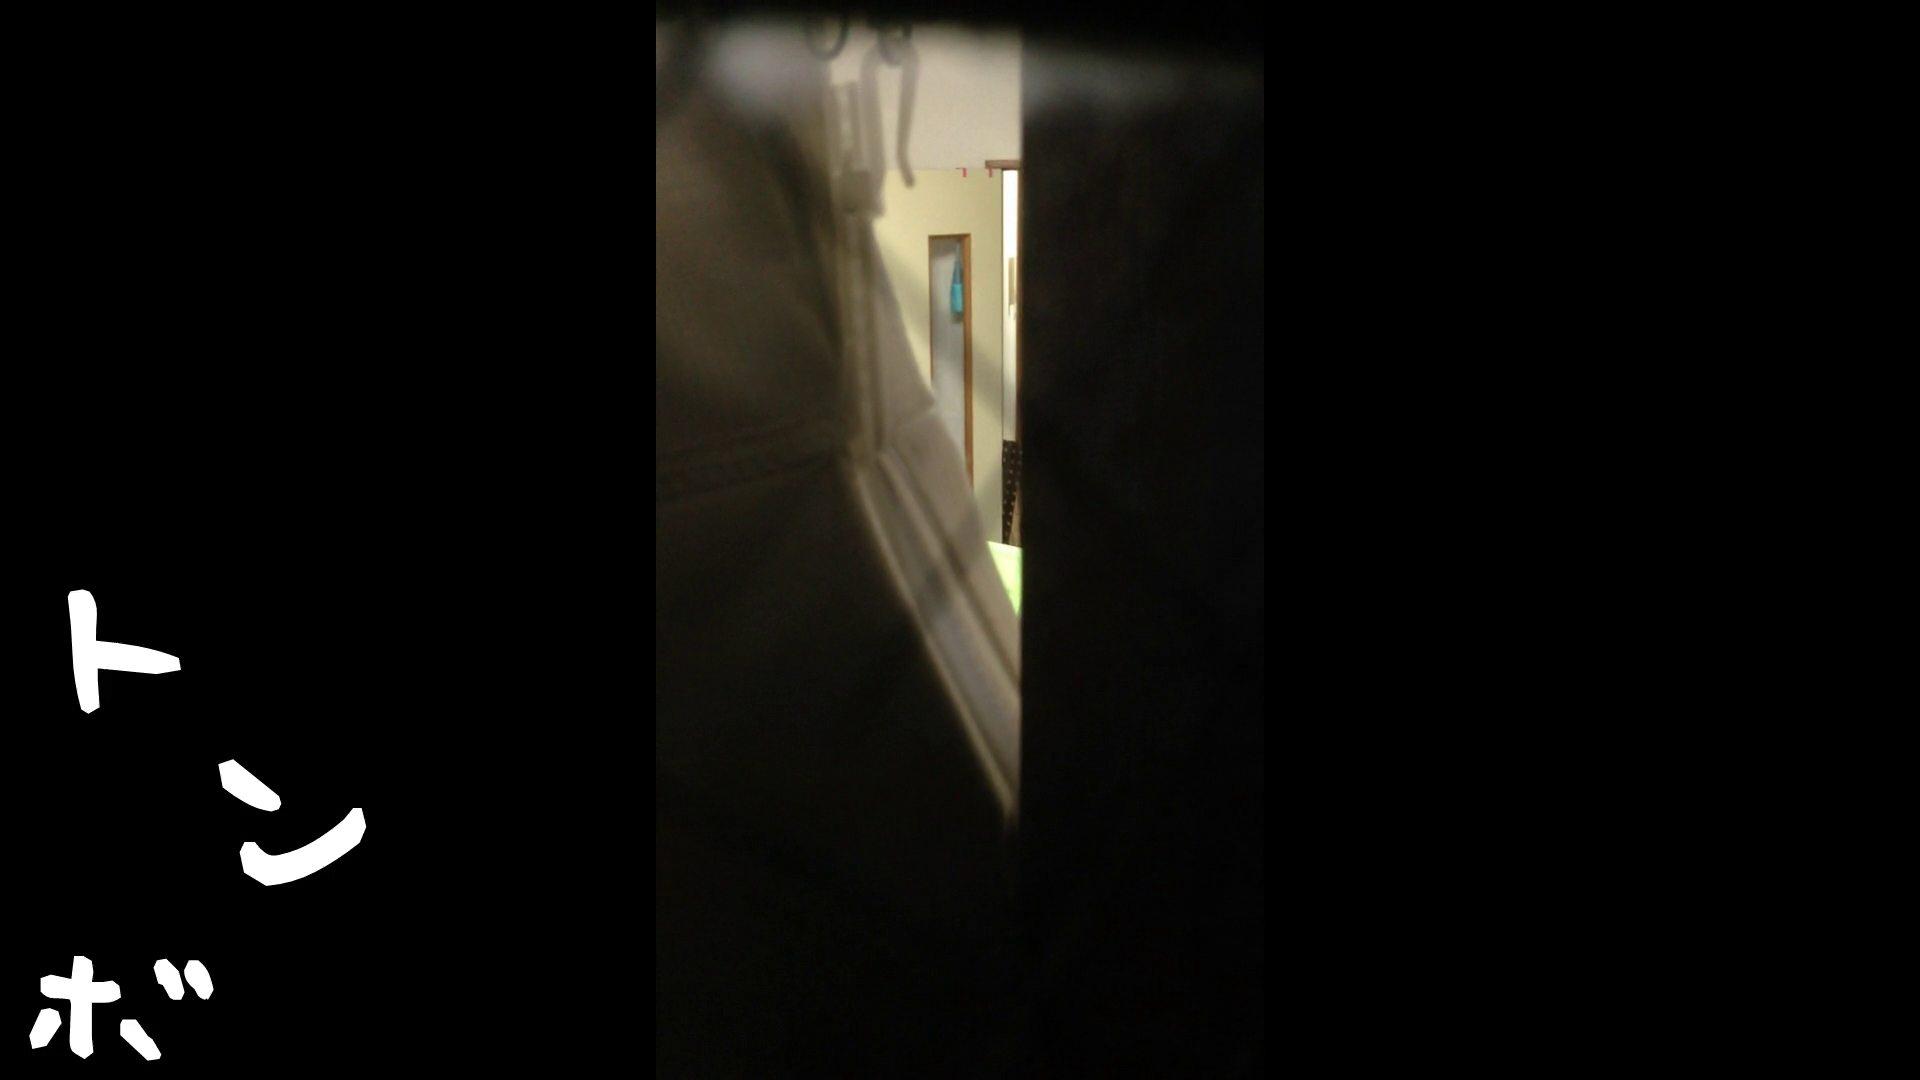 【リアル盗撮】元ジュディマリのYIUKI似 某歌手丸秘ヌード 潜入エロ調査   美女達のヌード  61連発 23